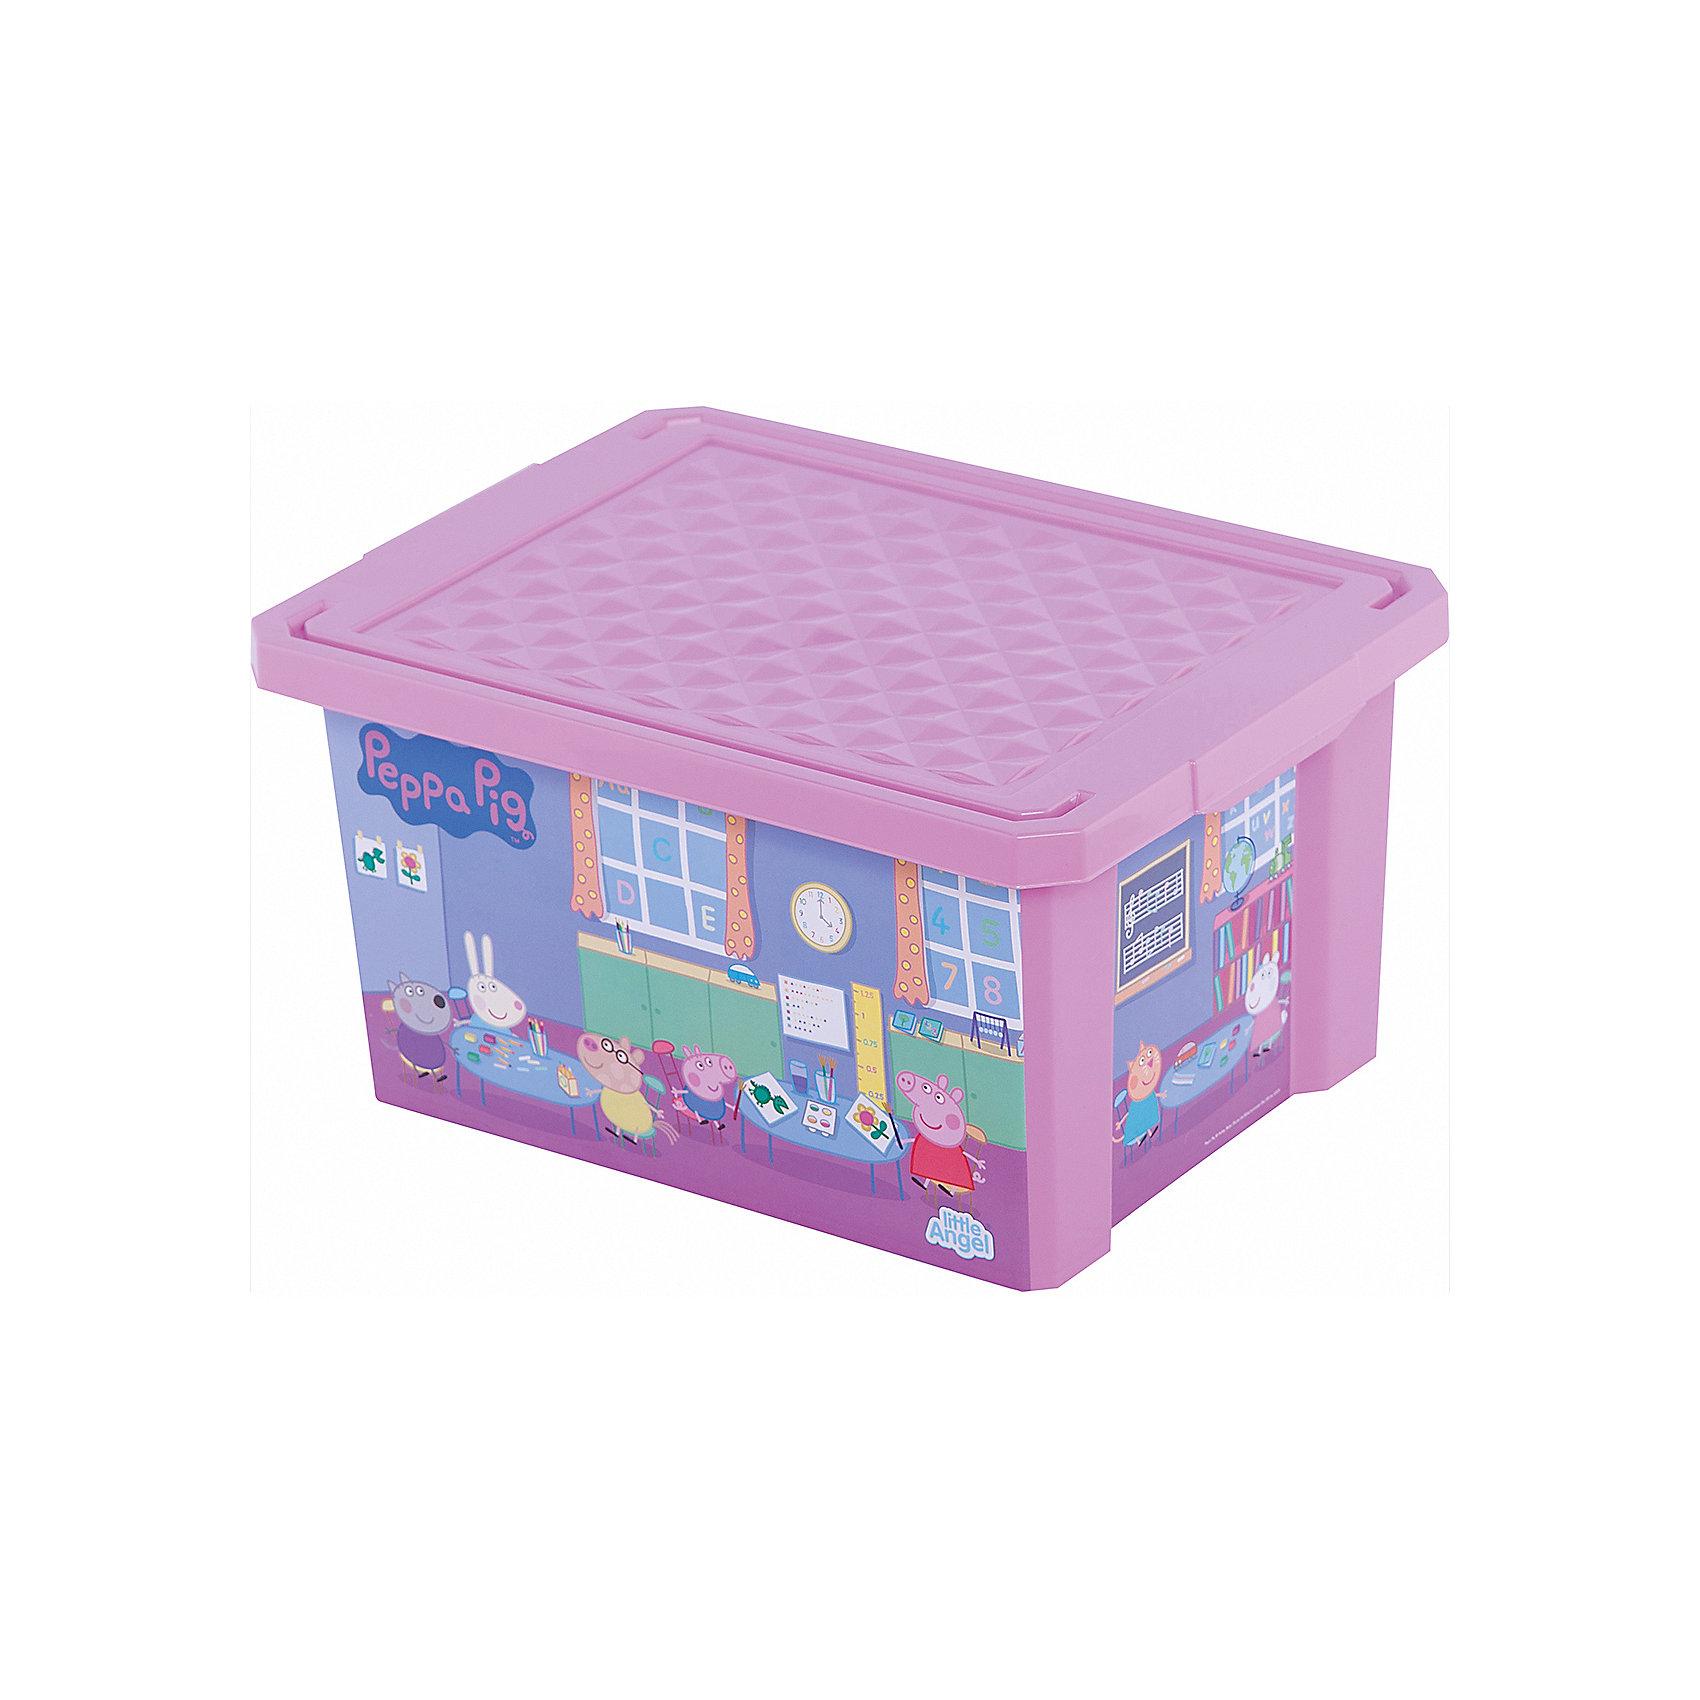 Ящик для хранения игрушек X-BOX Свинка Пеппа 17л, Little Angel, розовыйПорядок в детской с любимыми героями – легко и весело. Теперь для игрушек, канцелярских принадлежностей и других важных мелочей всегда найдется место. Эксклюзивные декоры с любимыми героями несомненно станут украшением каждой детской. Преимущества: эксклюзивные декоры с любимыми героями; надежные крышки с привлекательной текстурой; возможность штабелирования ящиков друг на друга.<br><br>Ширина мм: 405<br>Глубина мм: 305<br>Высота мм: 210<br>Вес г: 700<br>Возраст от месяцев: 24<br>Возраст до месяцев: 72<br>Пол: Женский<br>Возраст: Детский<br>SKU: 4976089